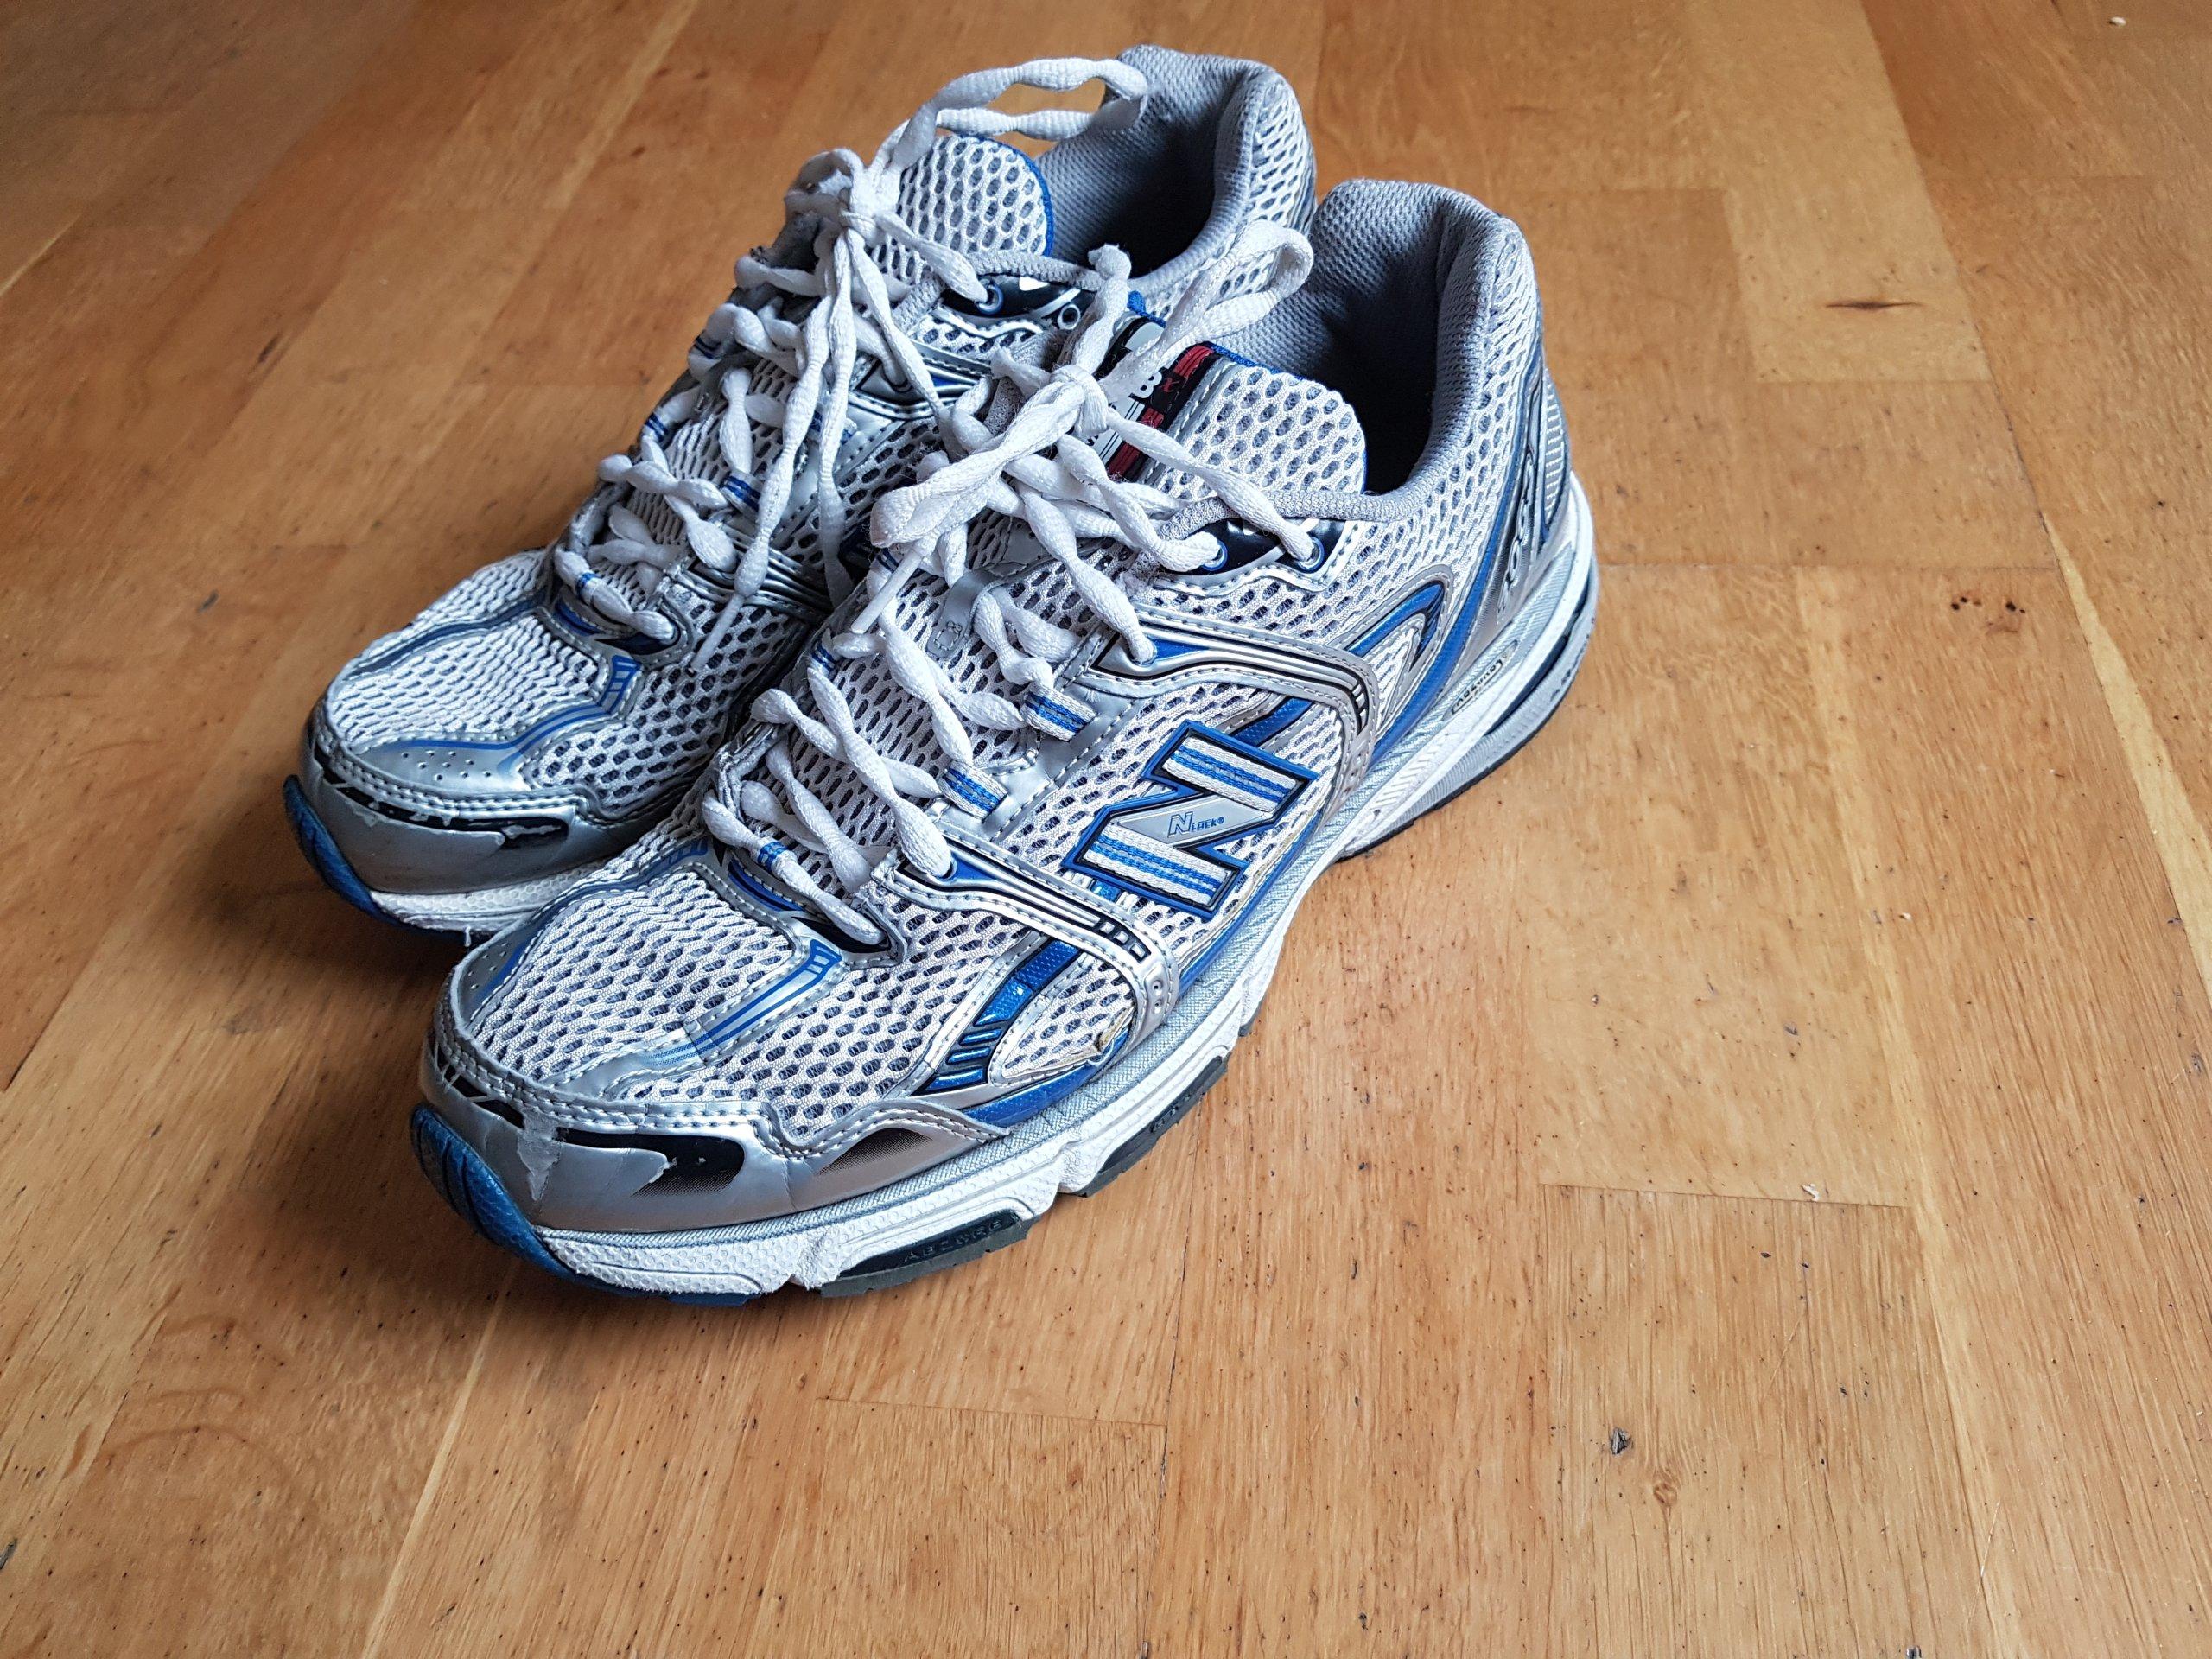 plus récent 5726d 89e45 New Balance 1063 rozmiar 44,5 buty do biegania